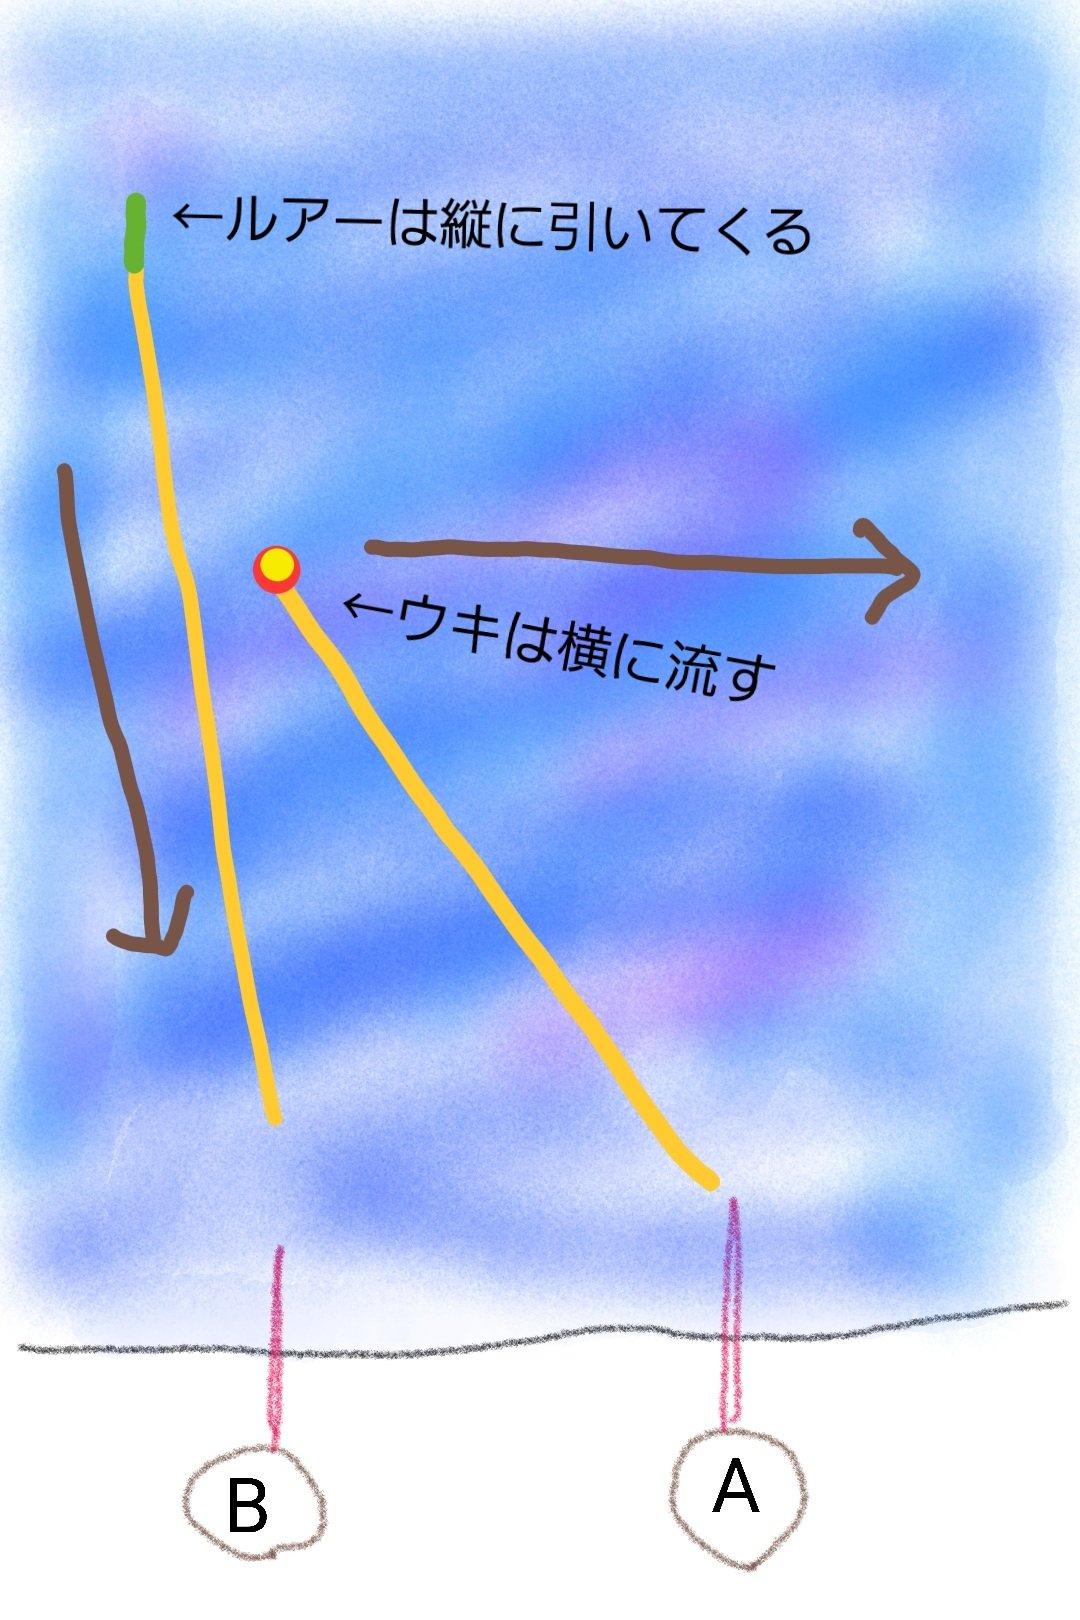 ルアーの動線とウキの動線をわかりやすく記した絵